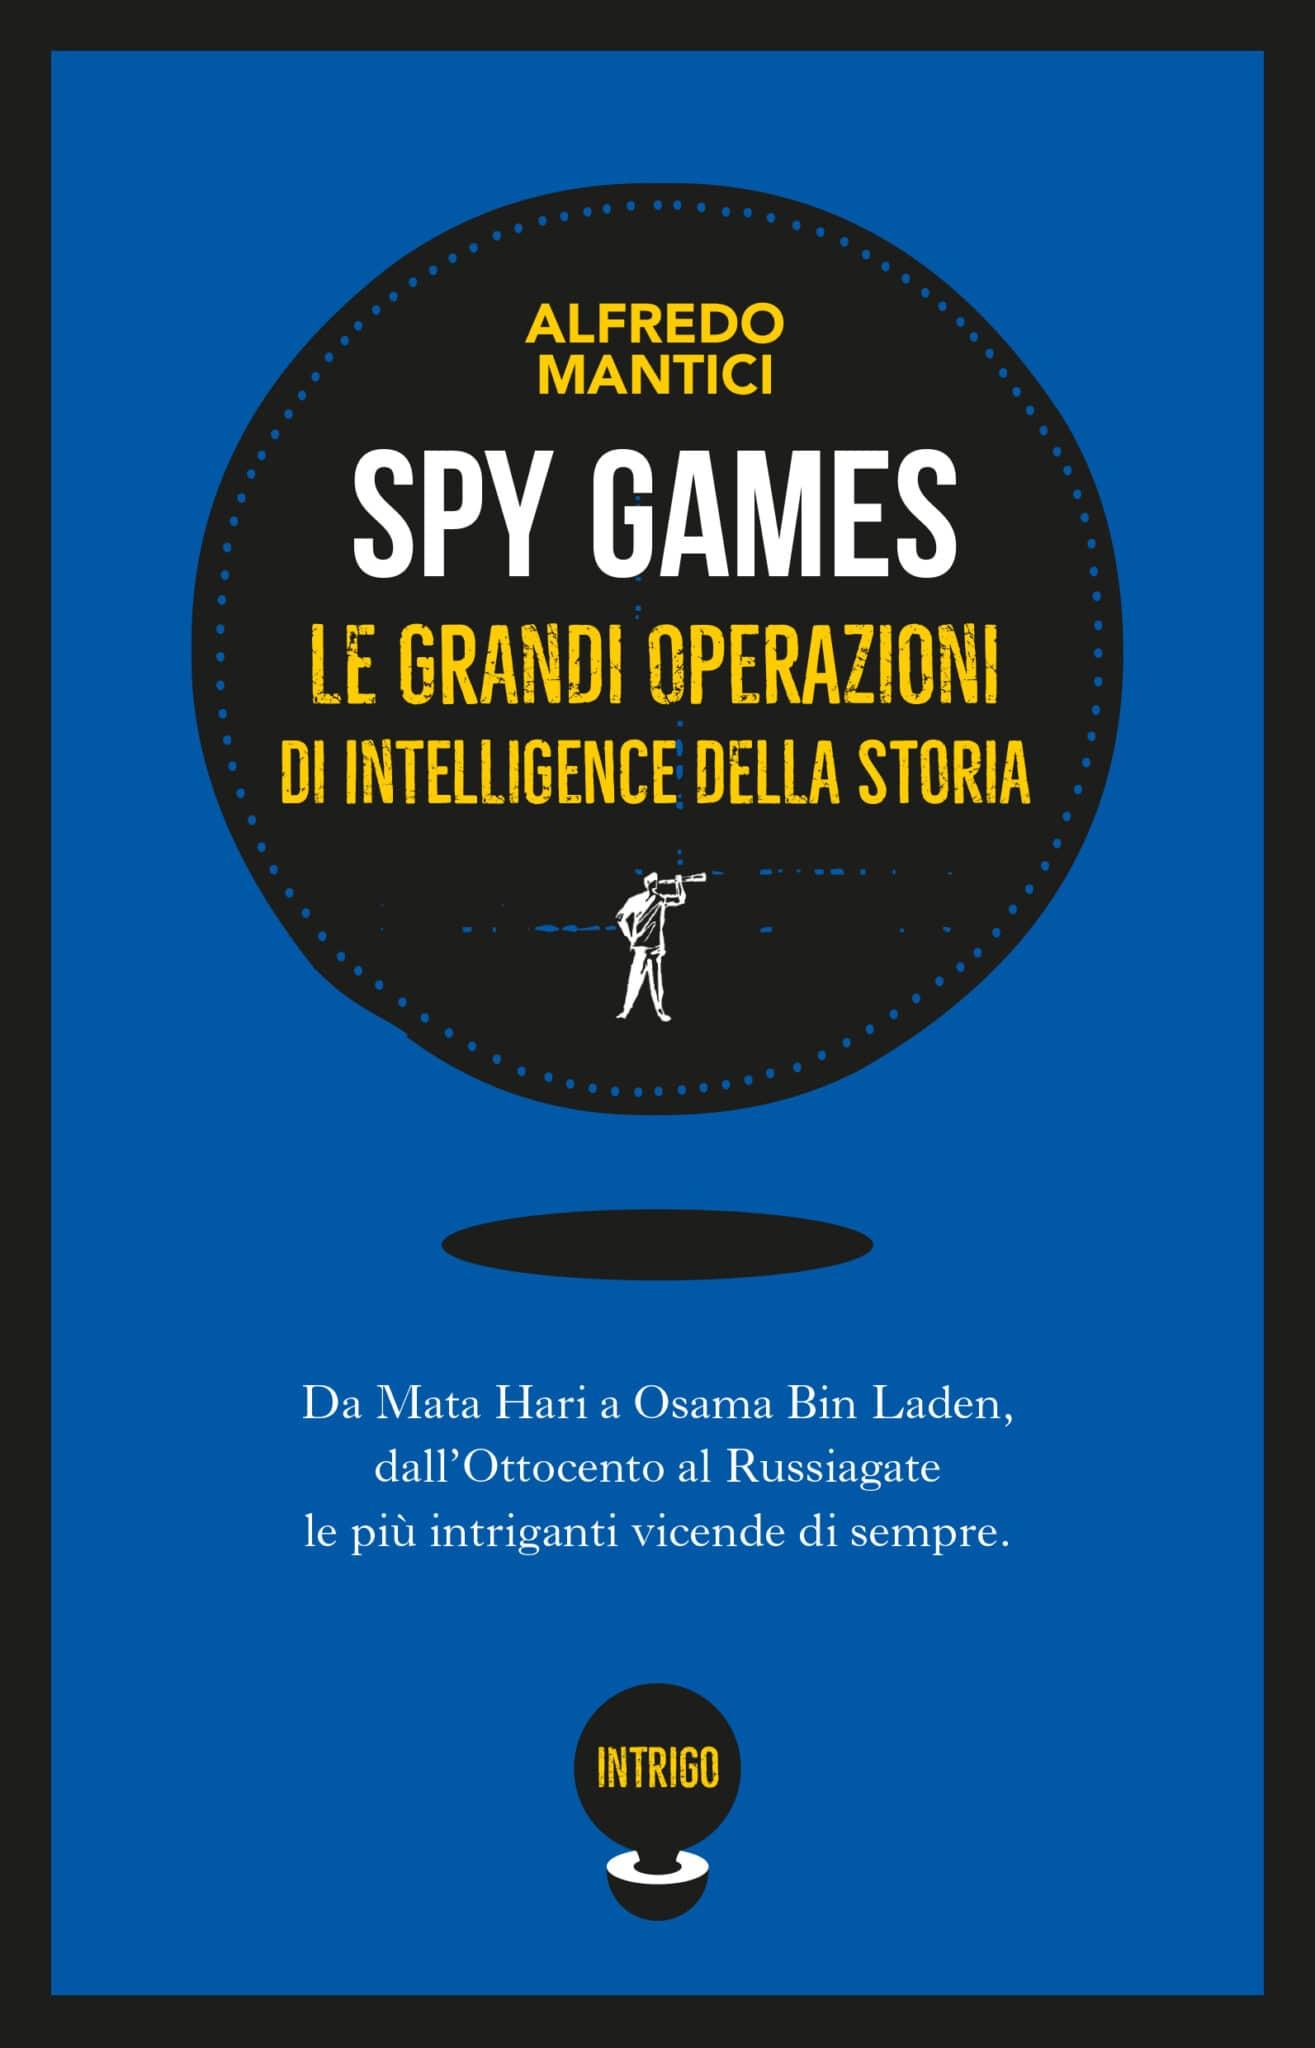 Spy games, Intelligence